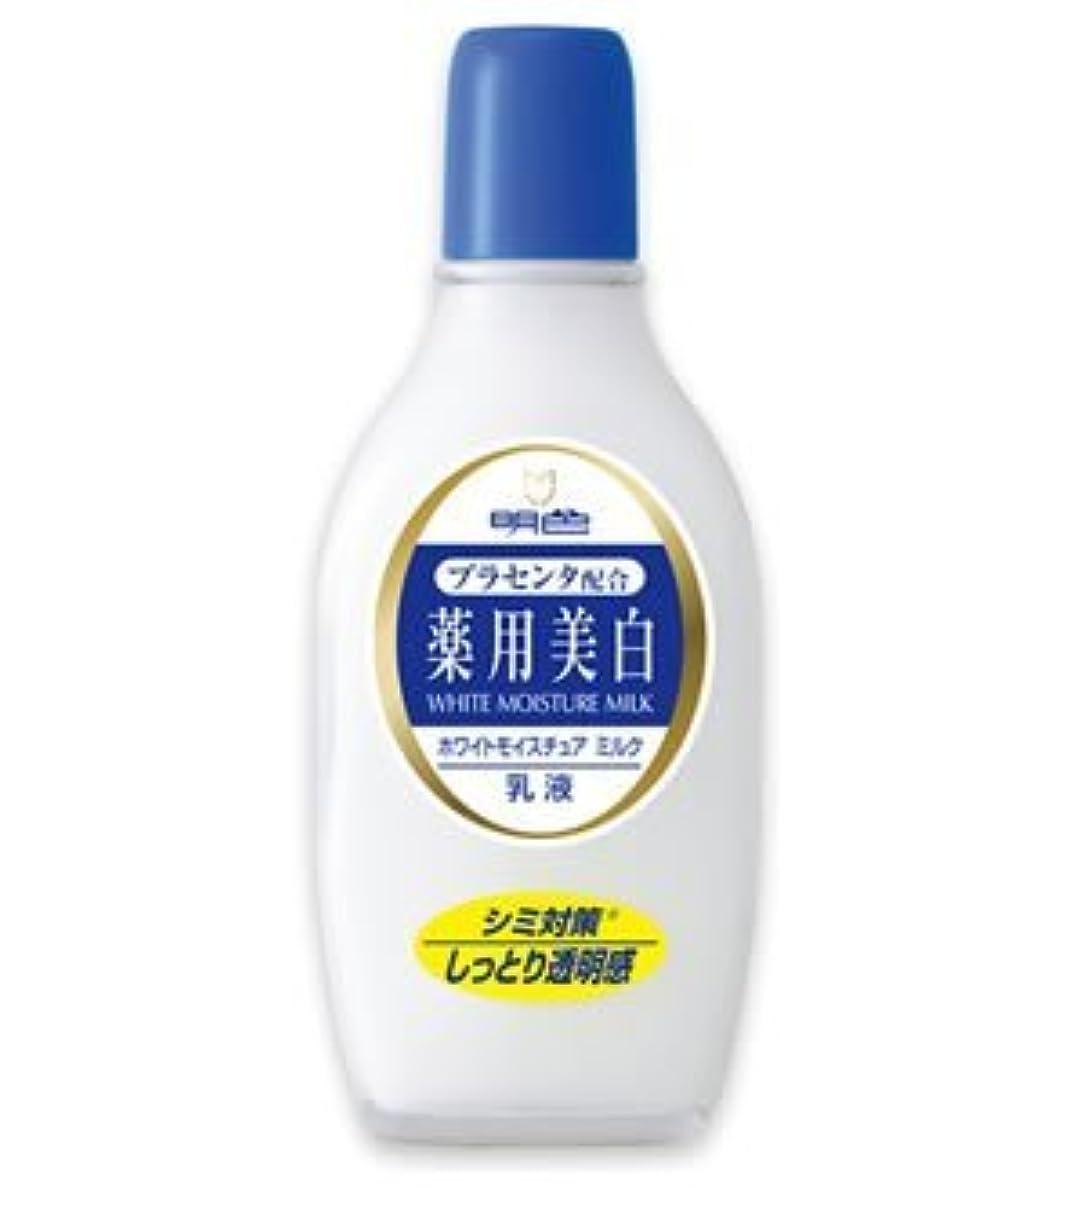 動桃四半期(明色)薬用ホワイトモイスチュアミルク 158ml(医薬部外品)(お買い得3本セット)